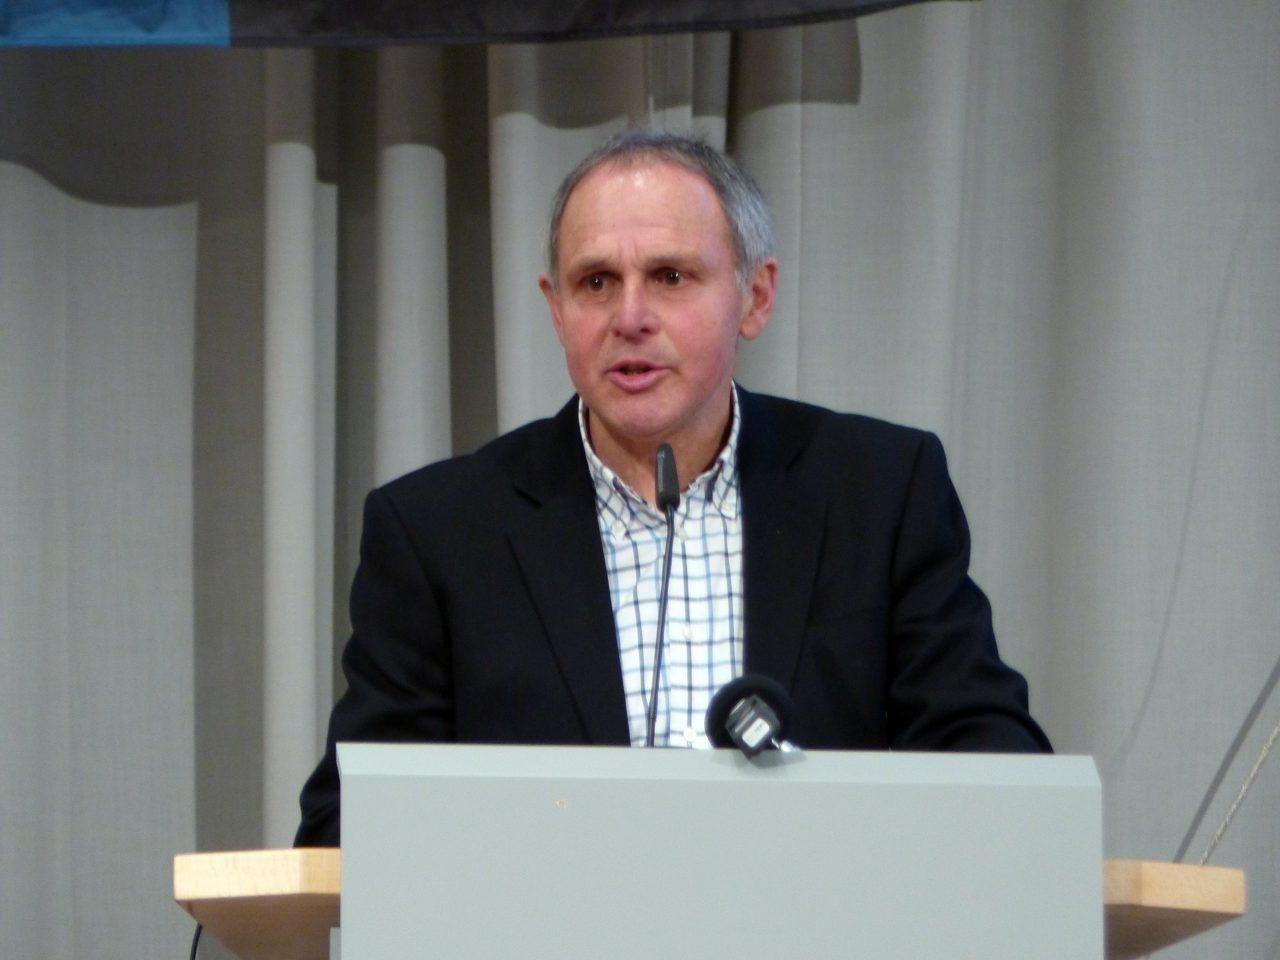 Wolfgang Seel erreichte das mit Abstand beste Ergebnis. Das wunderte niemand. Er ist neben Dieter Ferner sicherlich die wichtige Integrationsfigur im Verein.